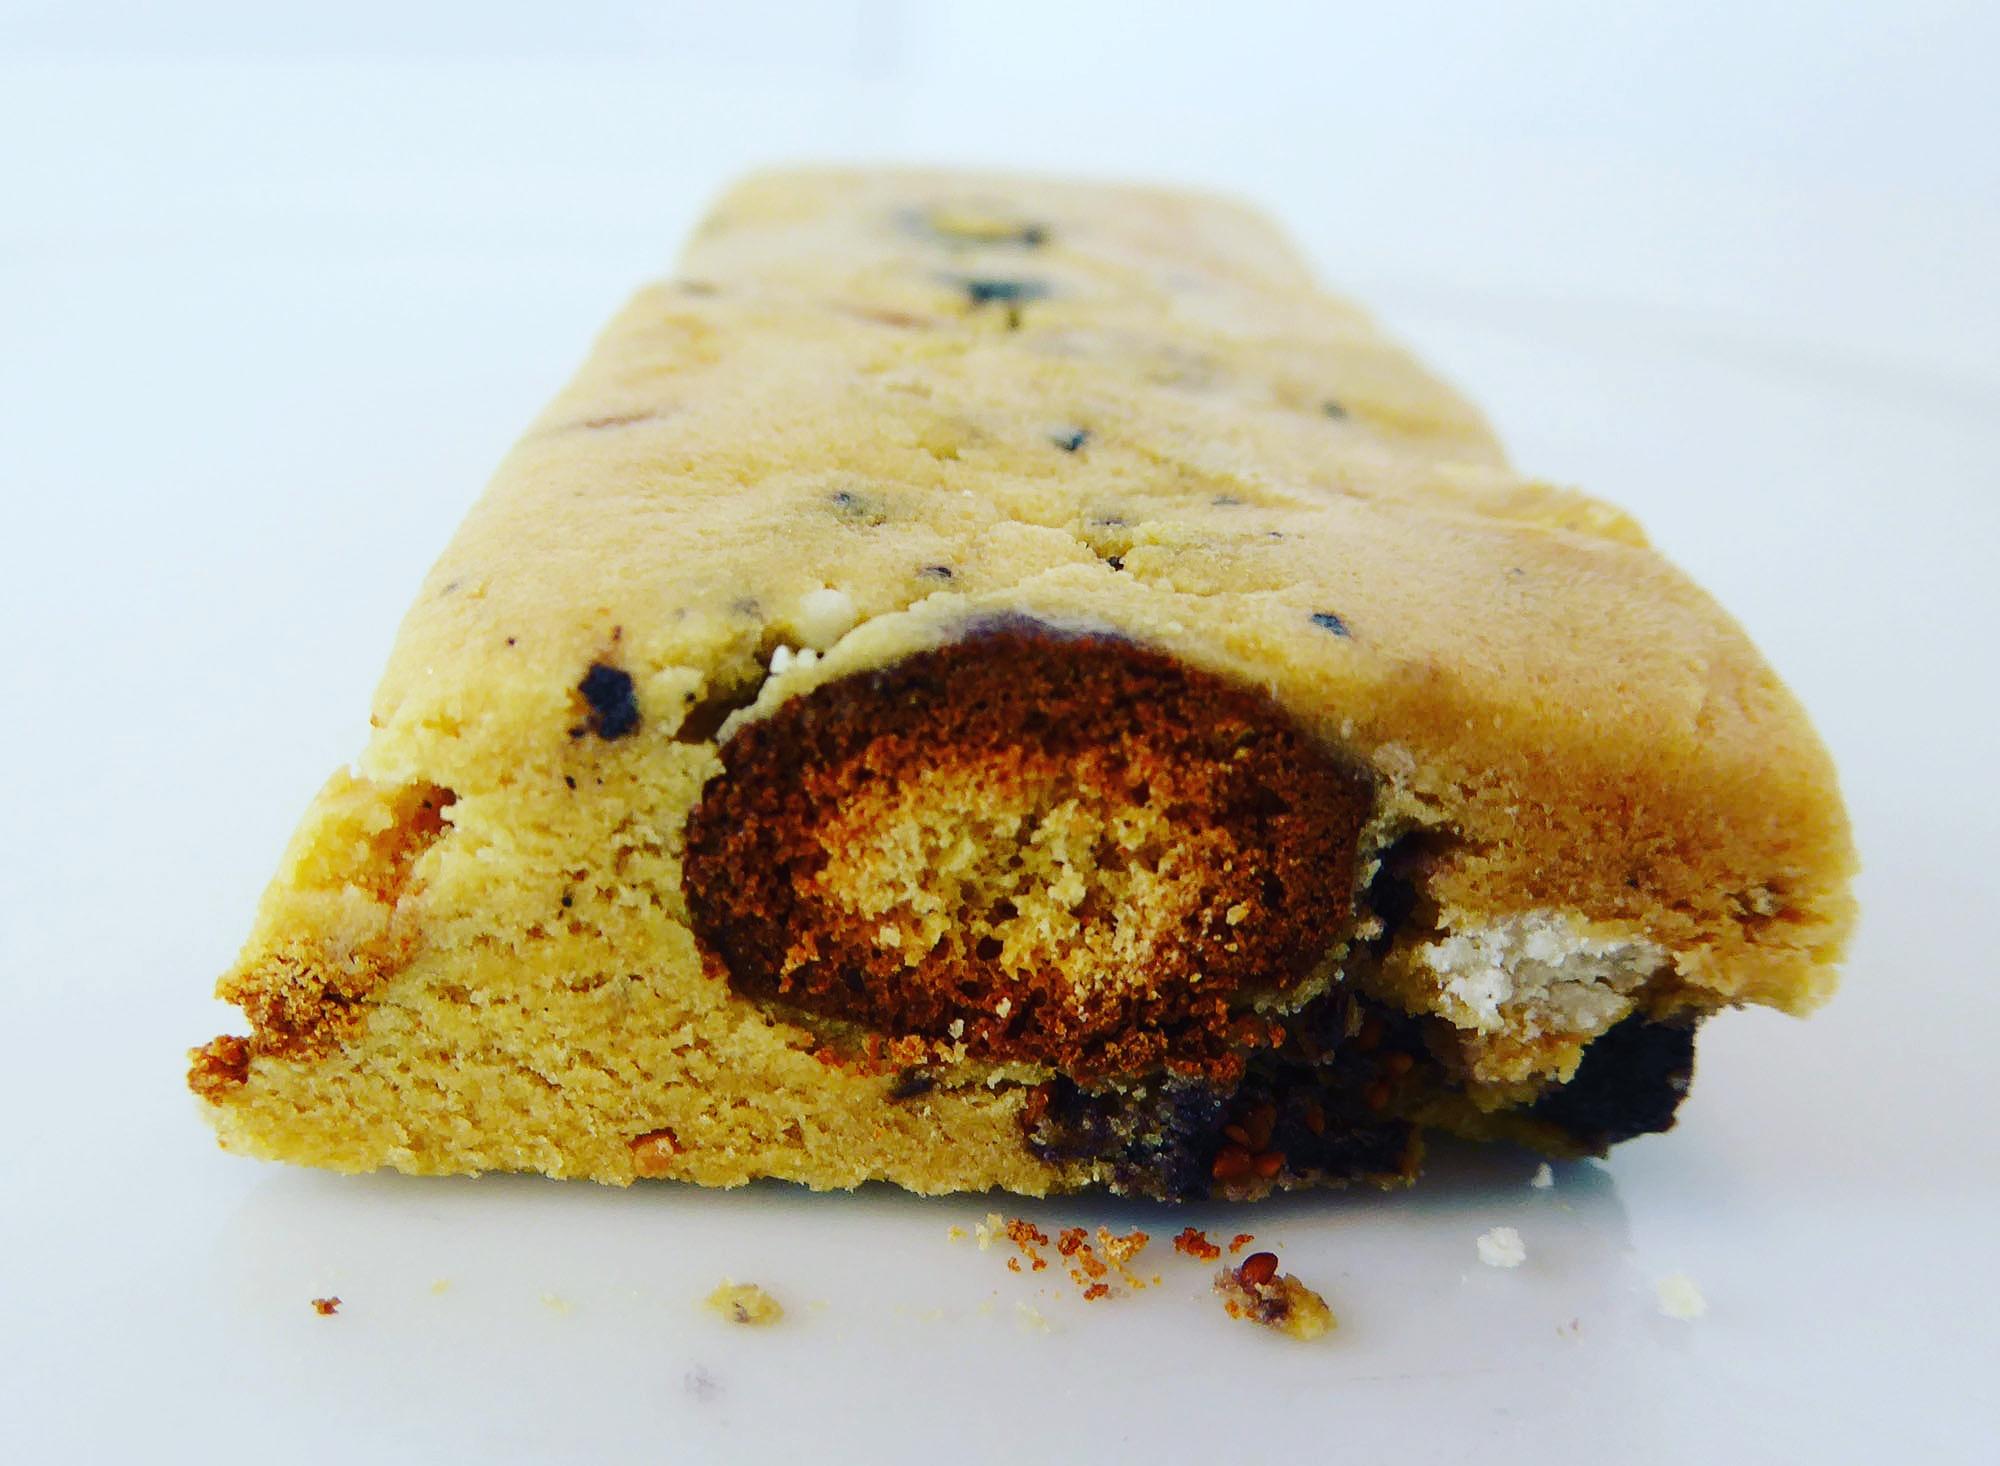 Questbar Heidelbeer Muffin Proteinriegel